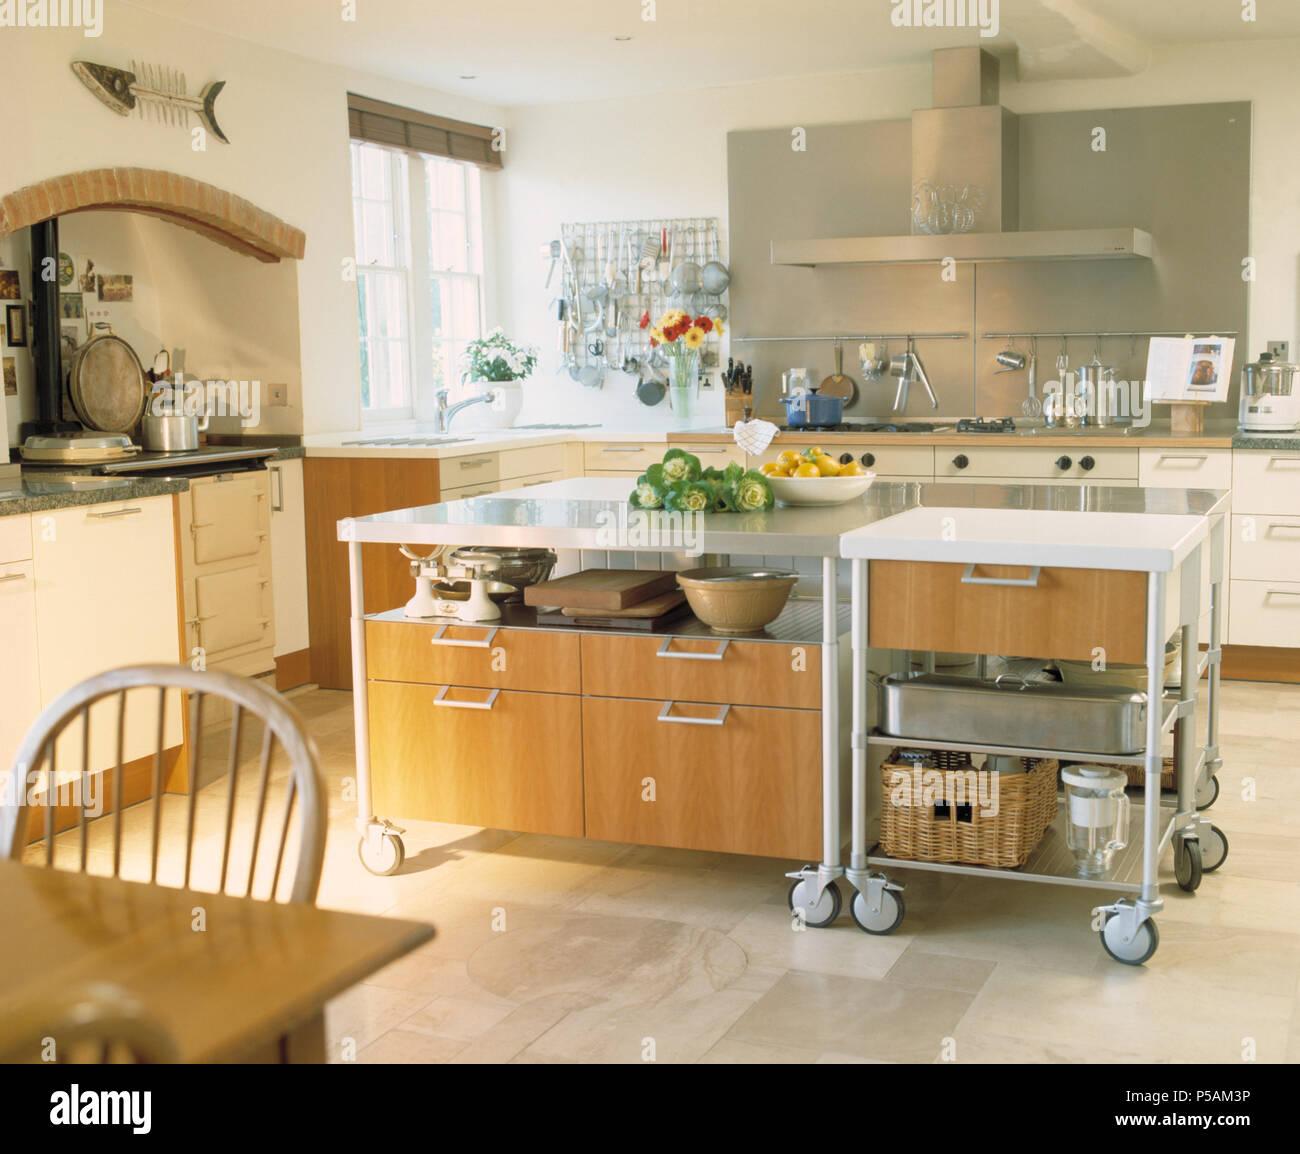 Gran isla unidad móvil sobre ruedas en la moderna cocina blanca con baldosas  de piedra caliza ec5de6a2fef9